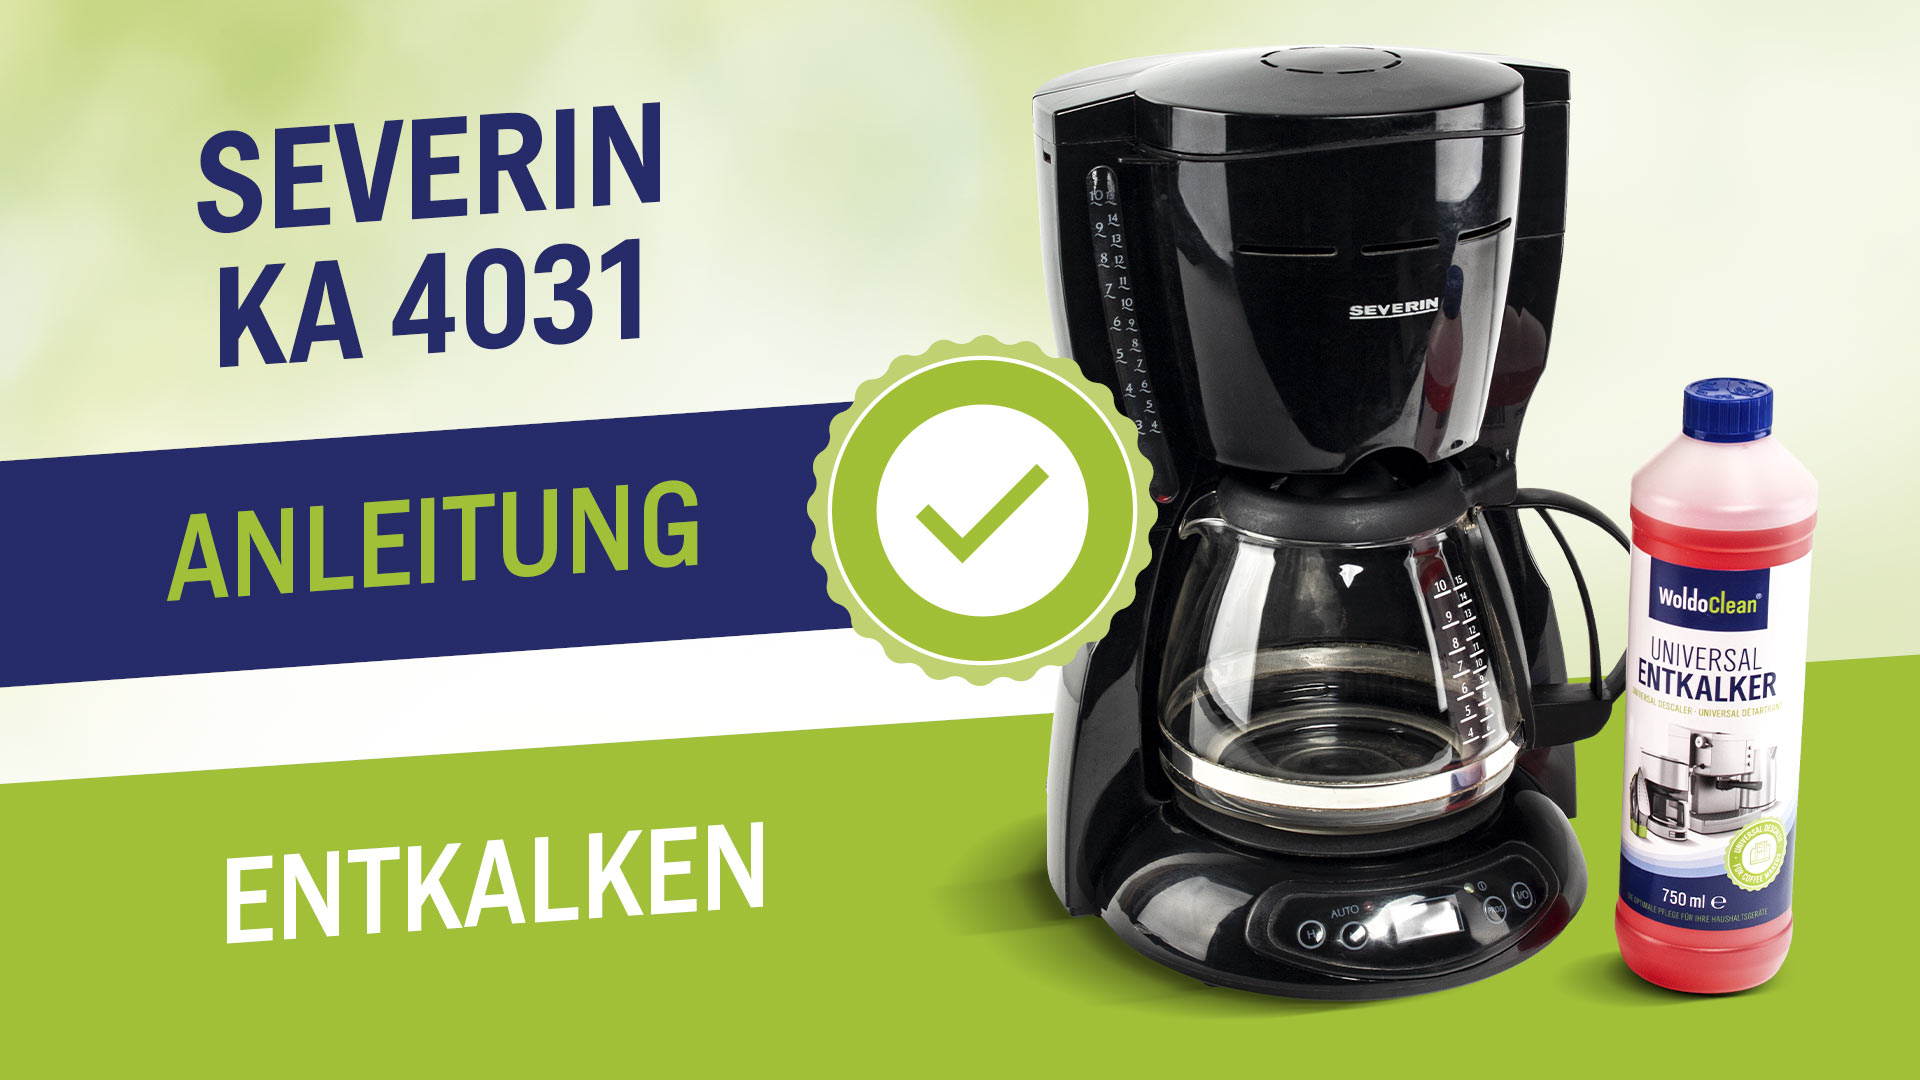 Odvápněte a vyčistěte kávovar Severin